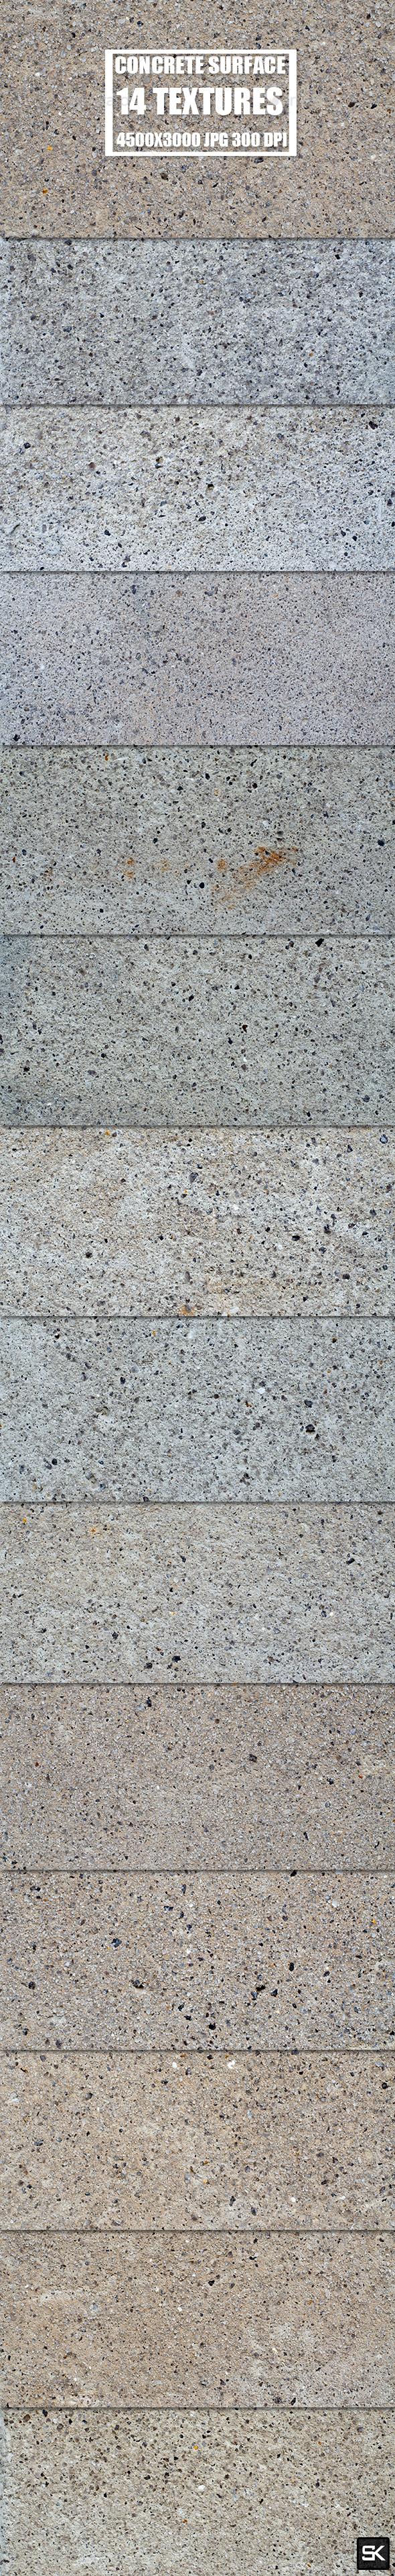 Concrete Surface - Concrete Textures